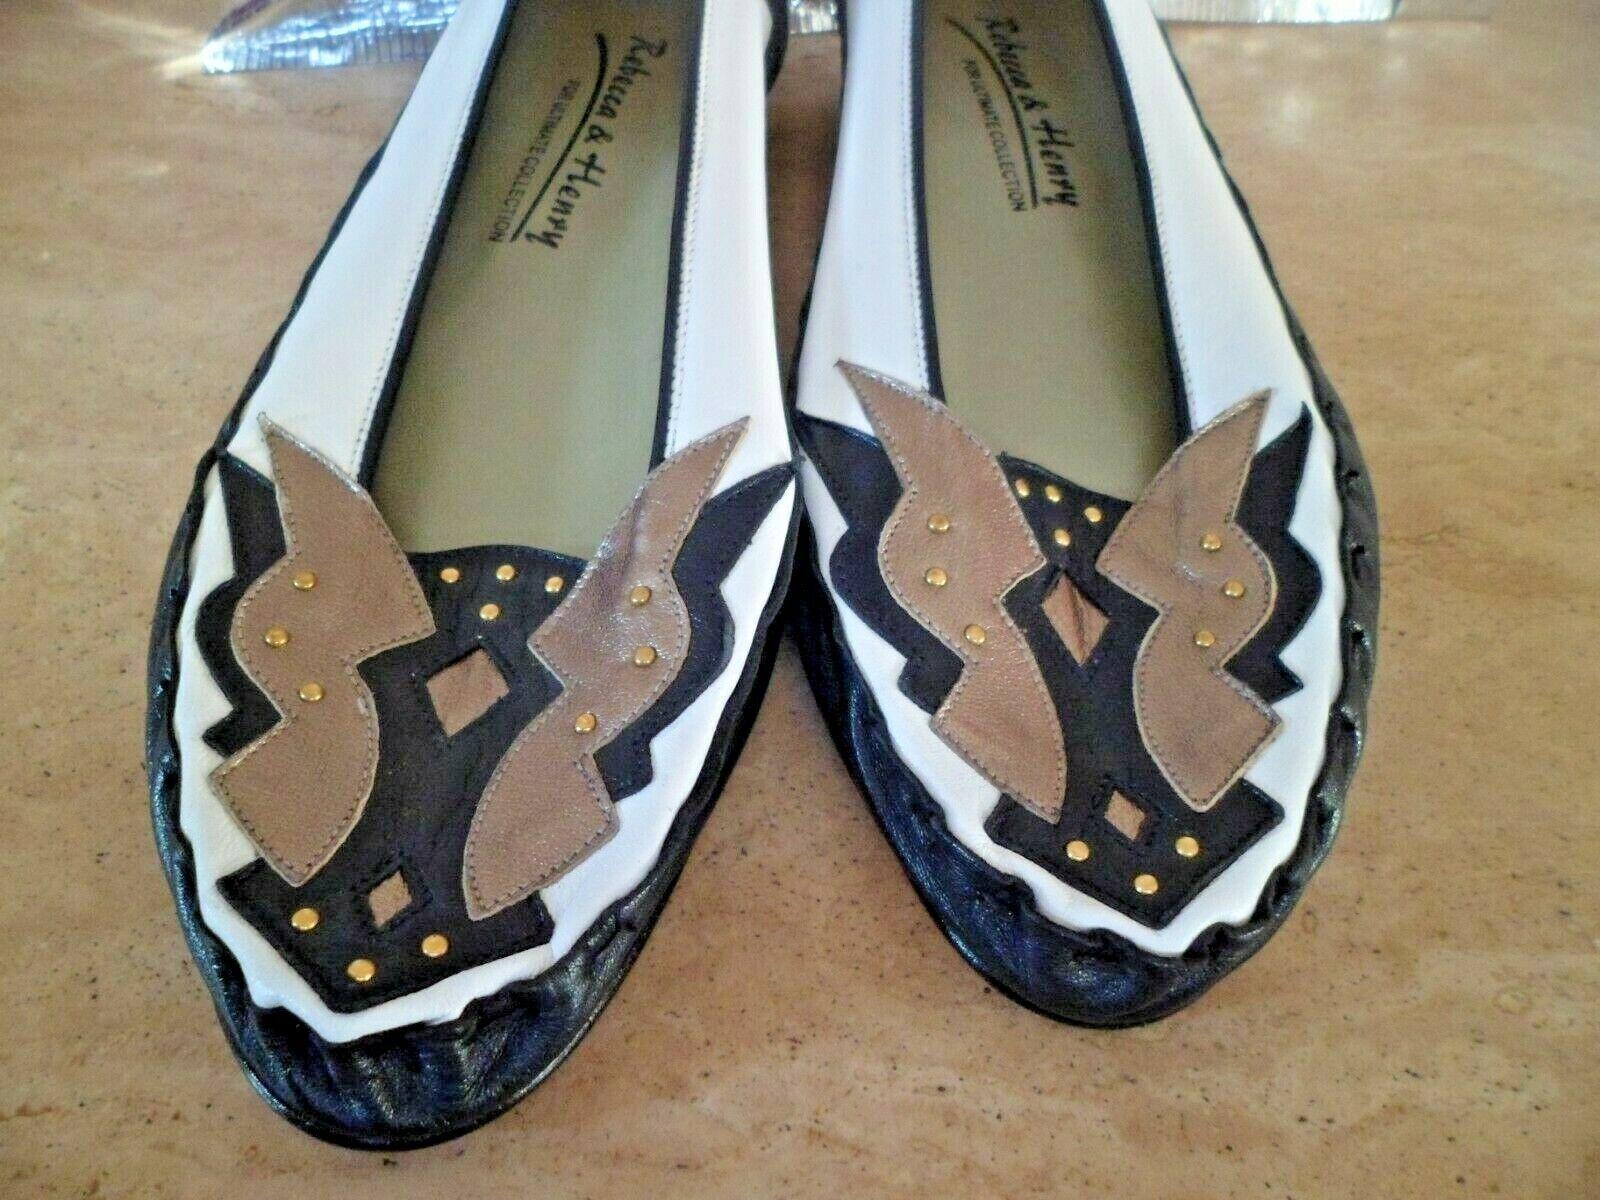 Zapatos De Cuero Rebecca Rebecca Rebecca & Henry Azul Marino, blancoo Y Bronce Suave UK 6.5 EU 39. nuevo  increíbles descuentos